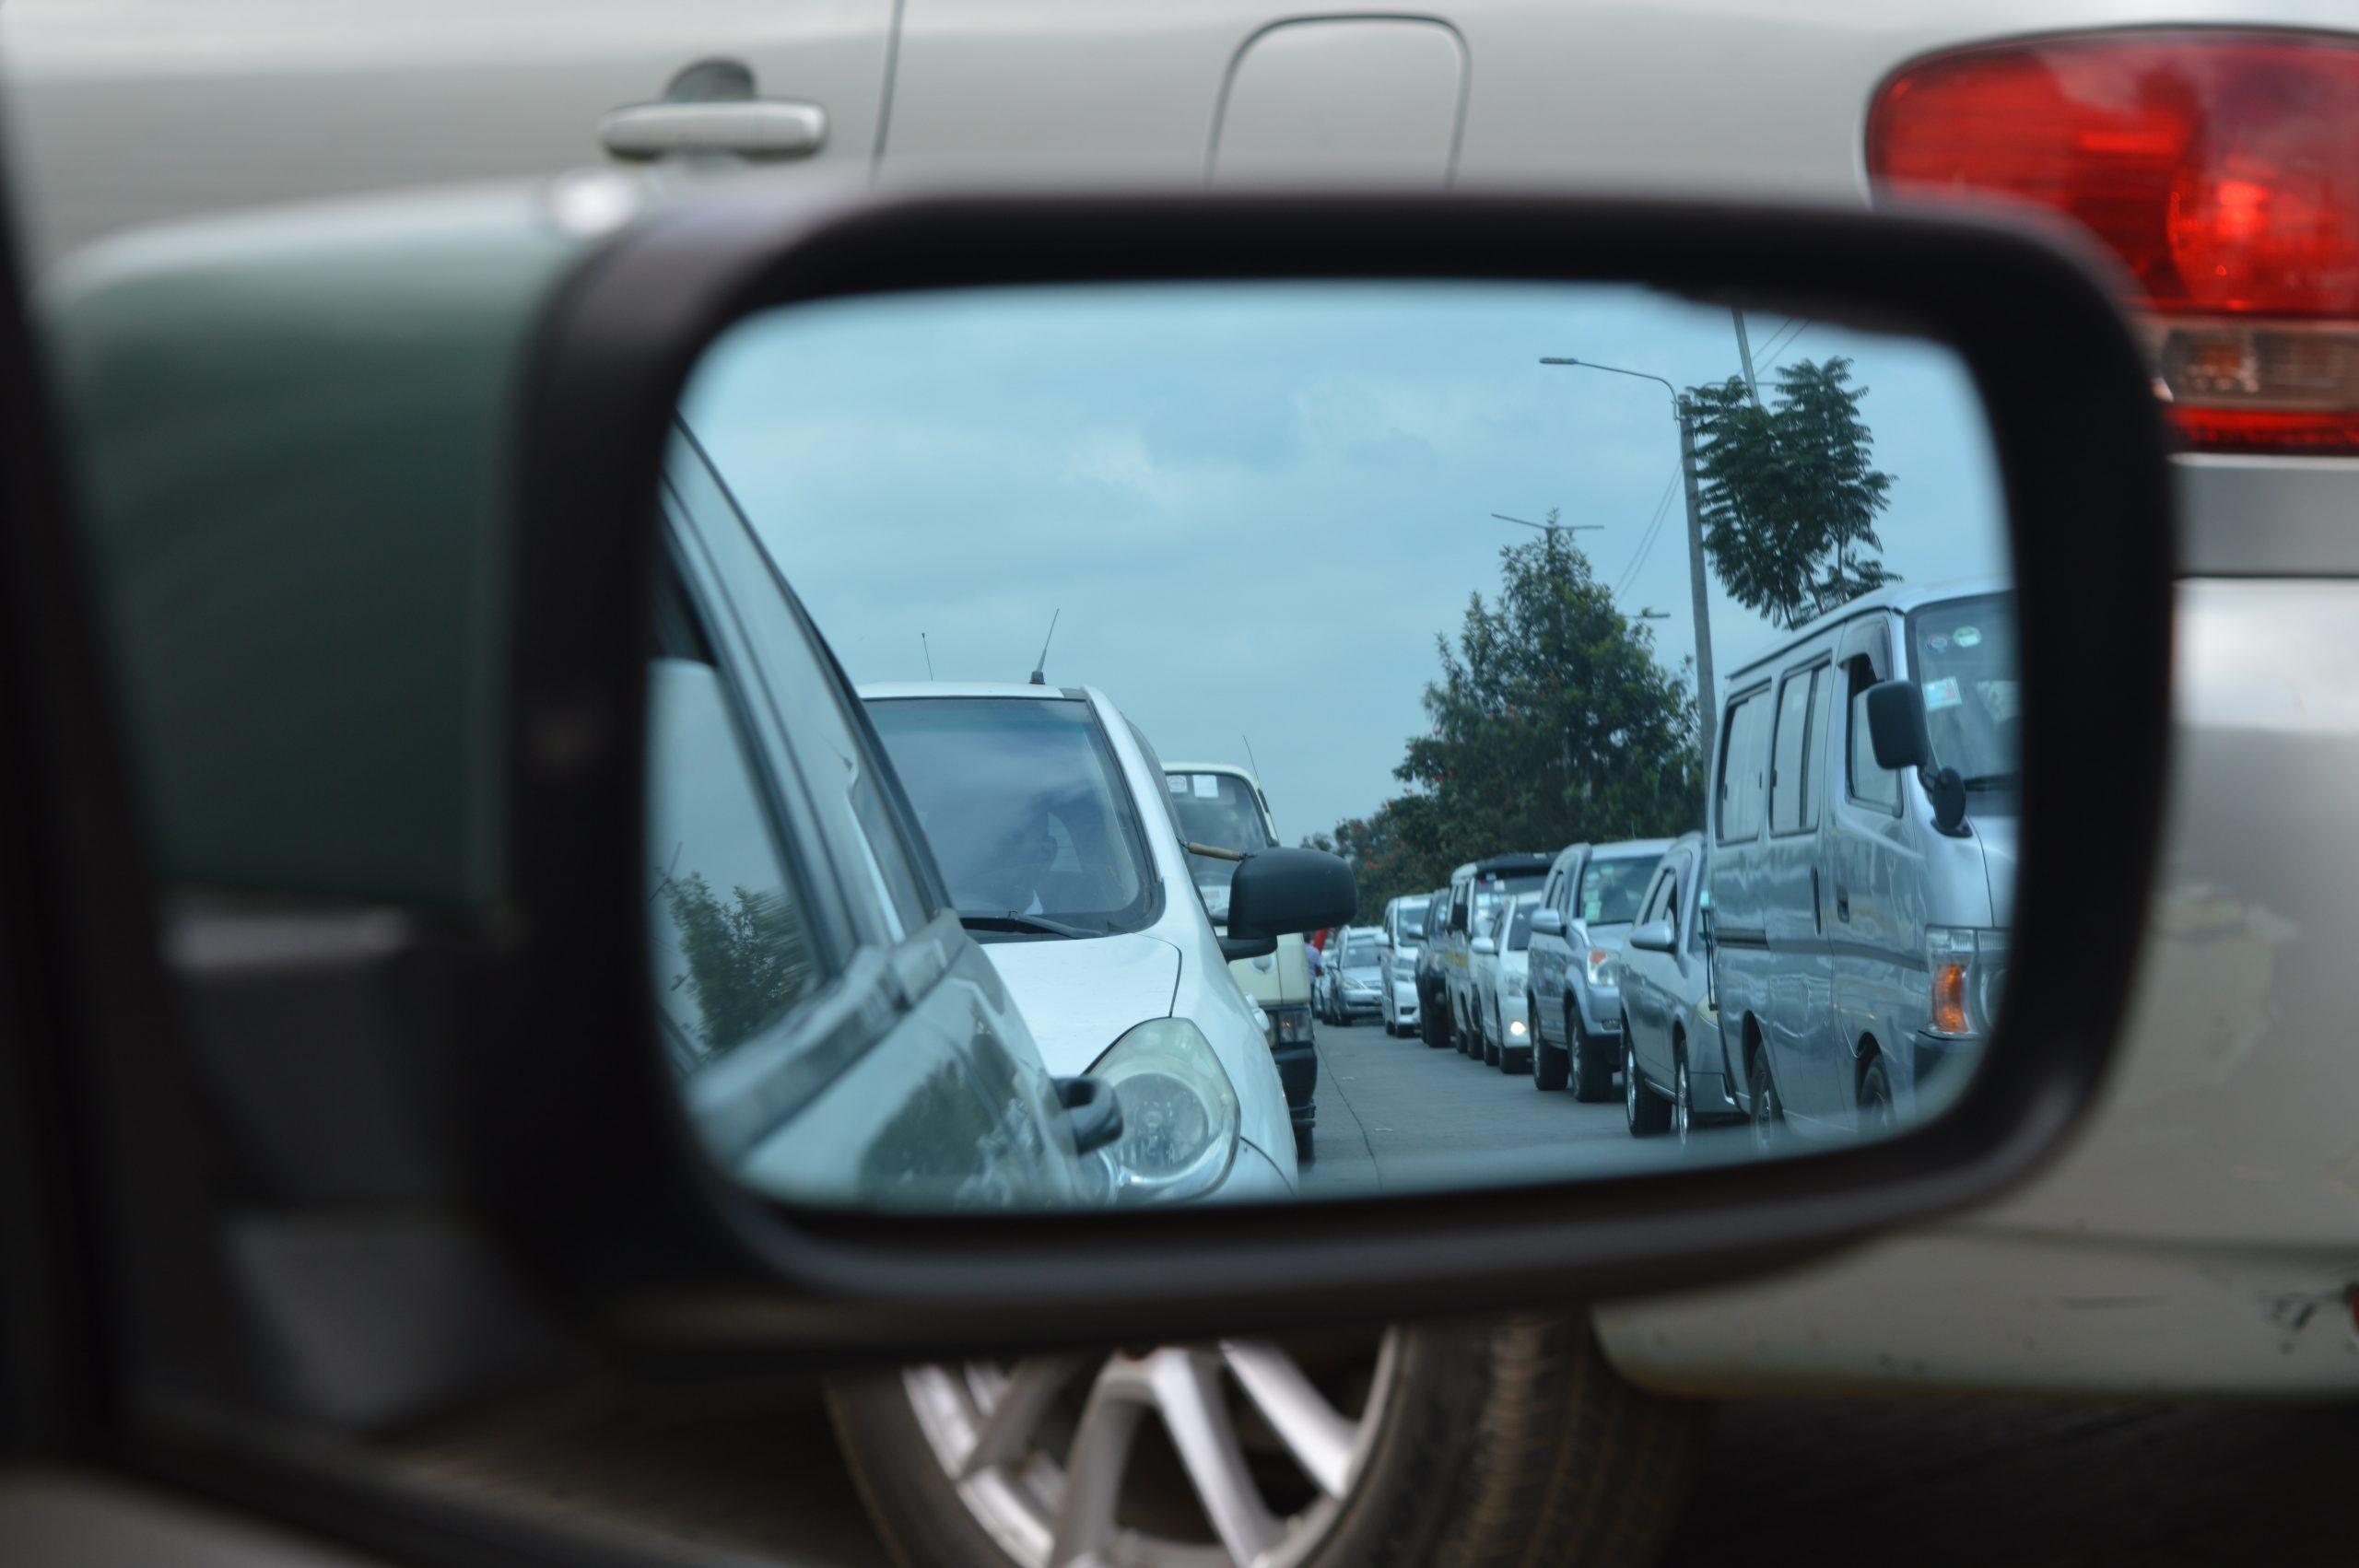 Semana Nacional do Trânsito começa neste sábado